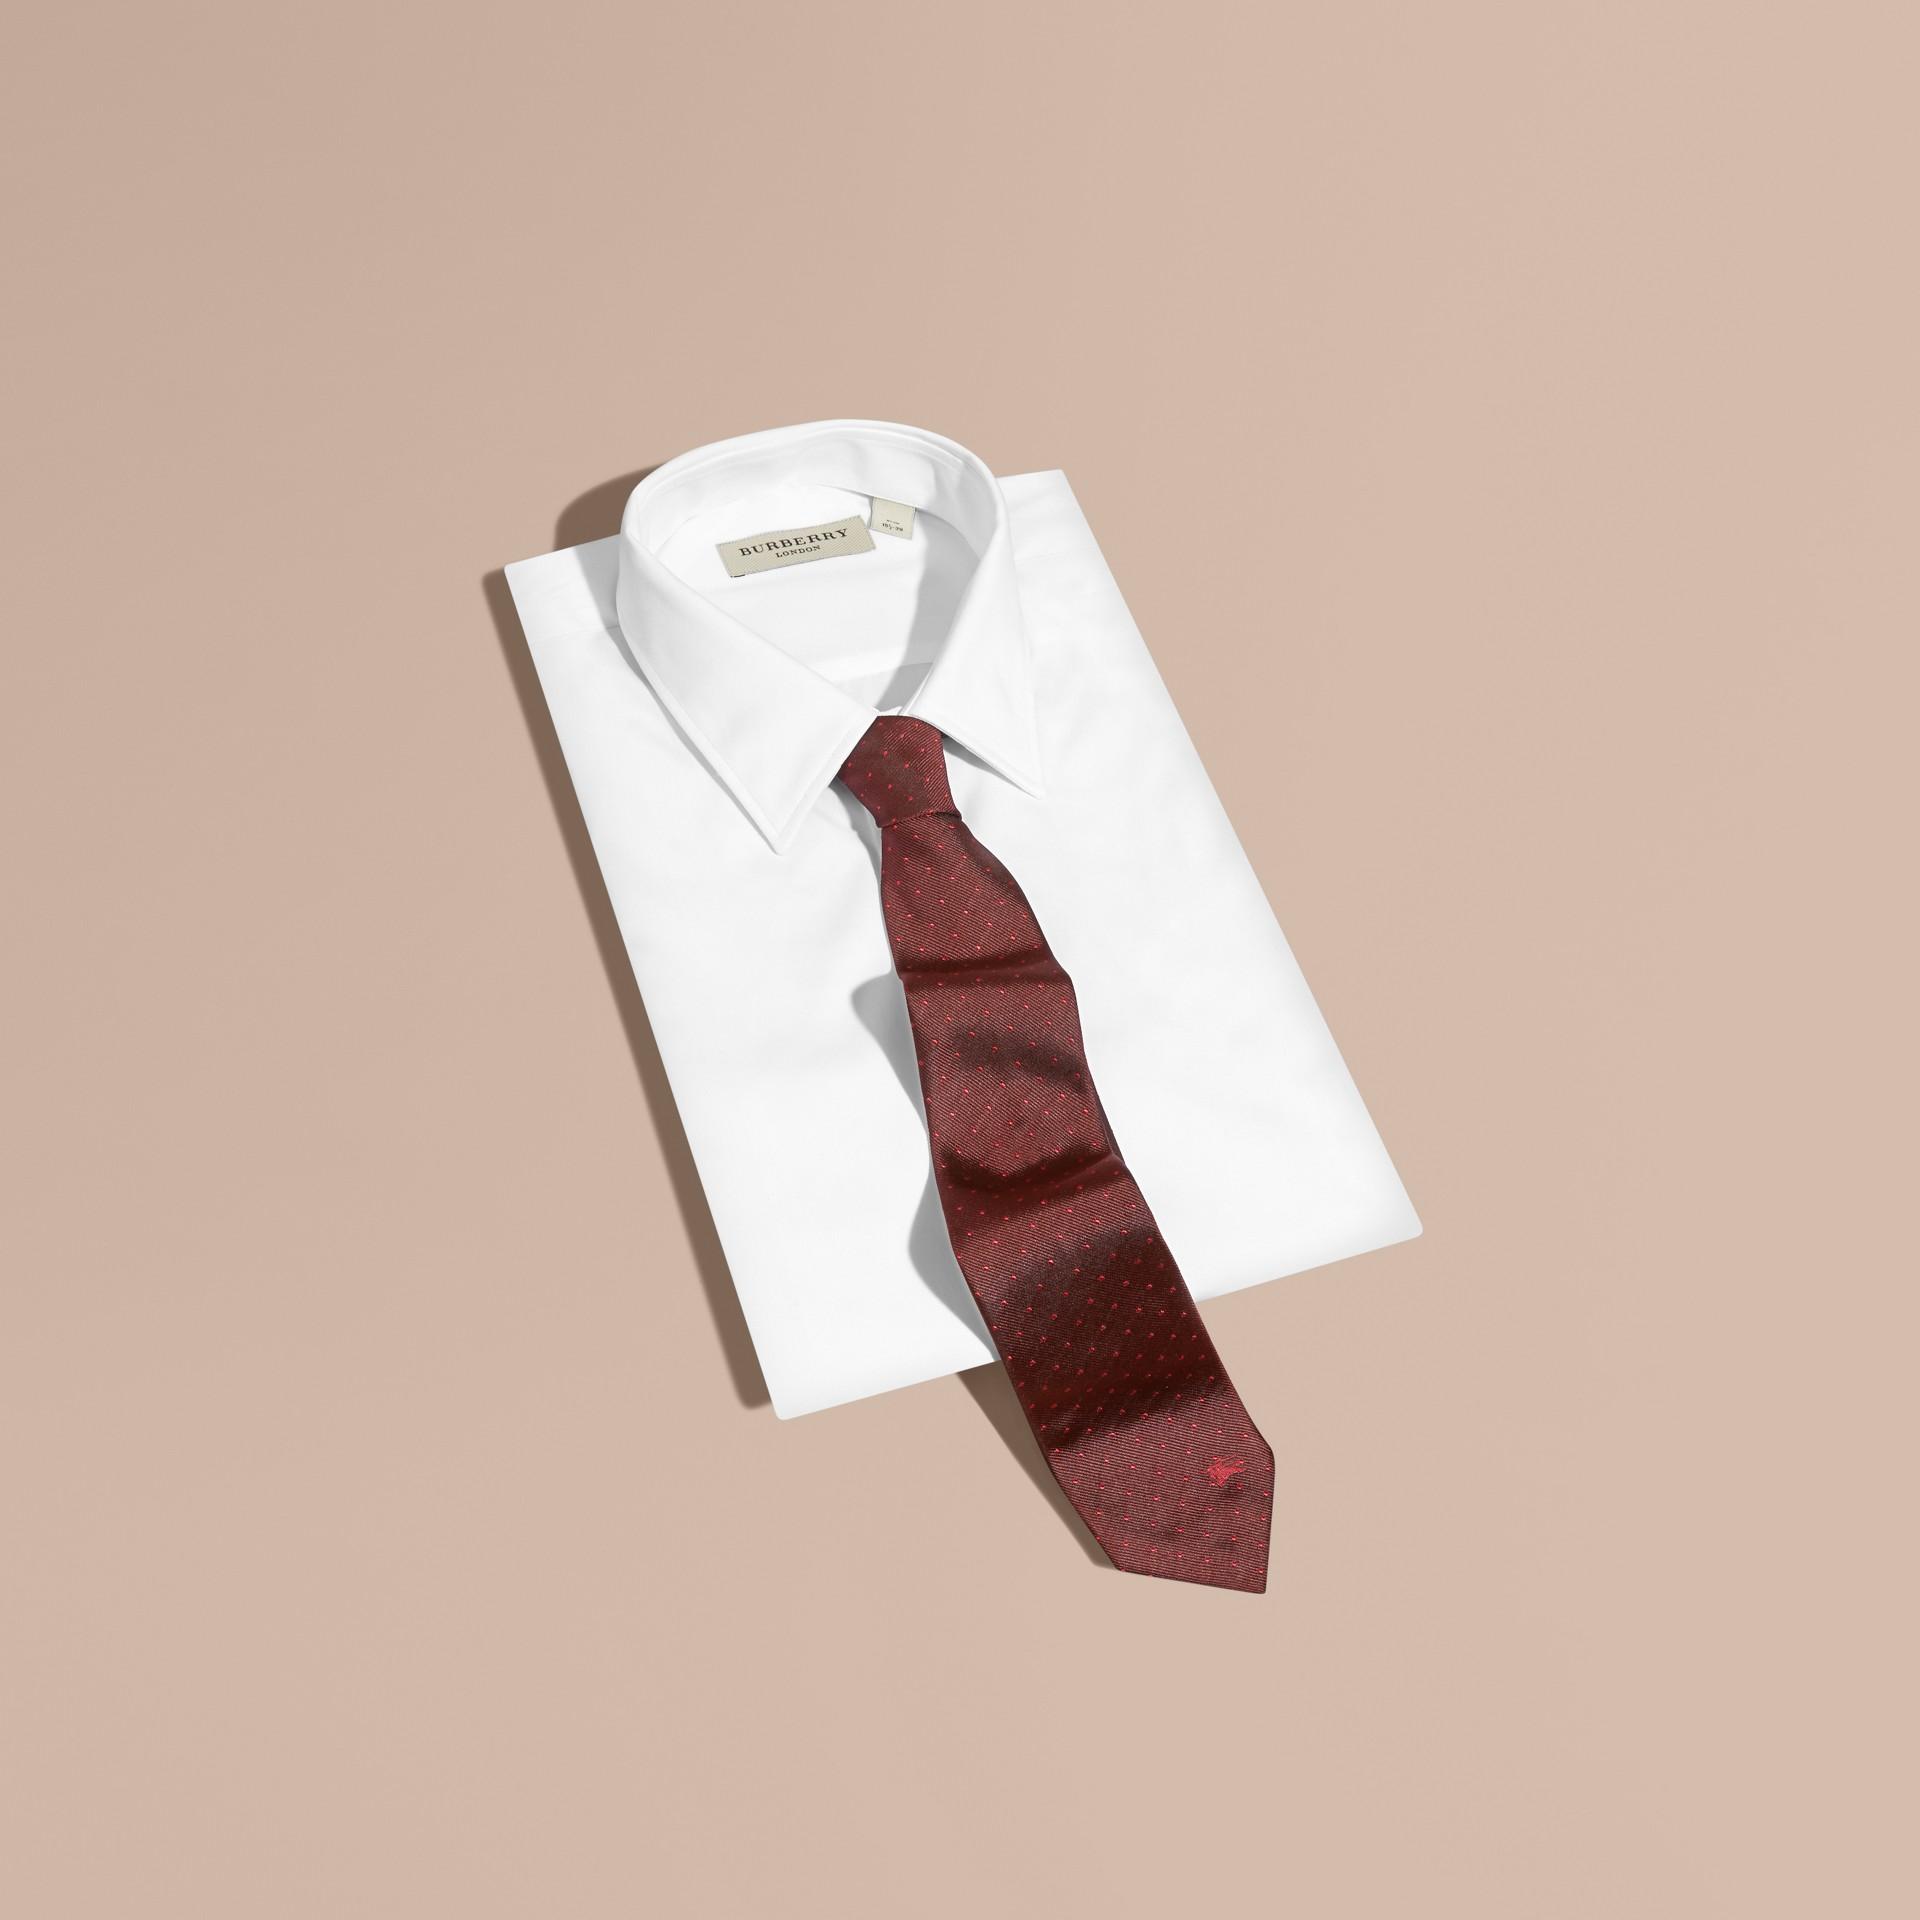 Deep claret Gravata de seda com corte moderno e estampa de poás - galeria de imagens 1